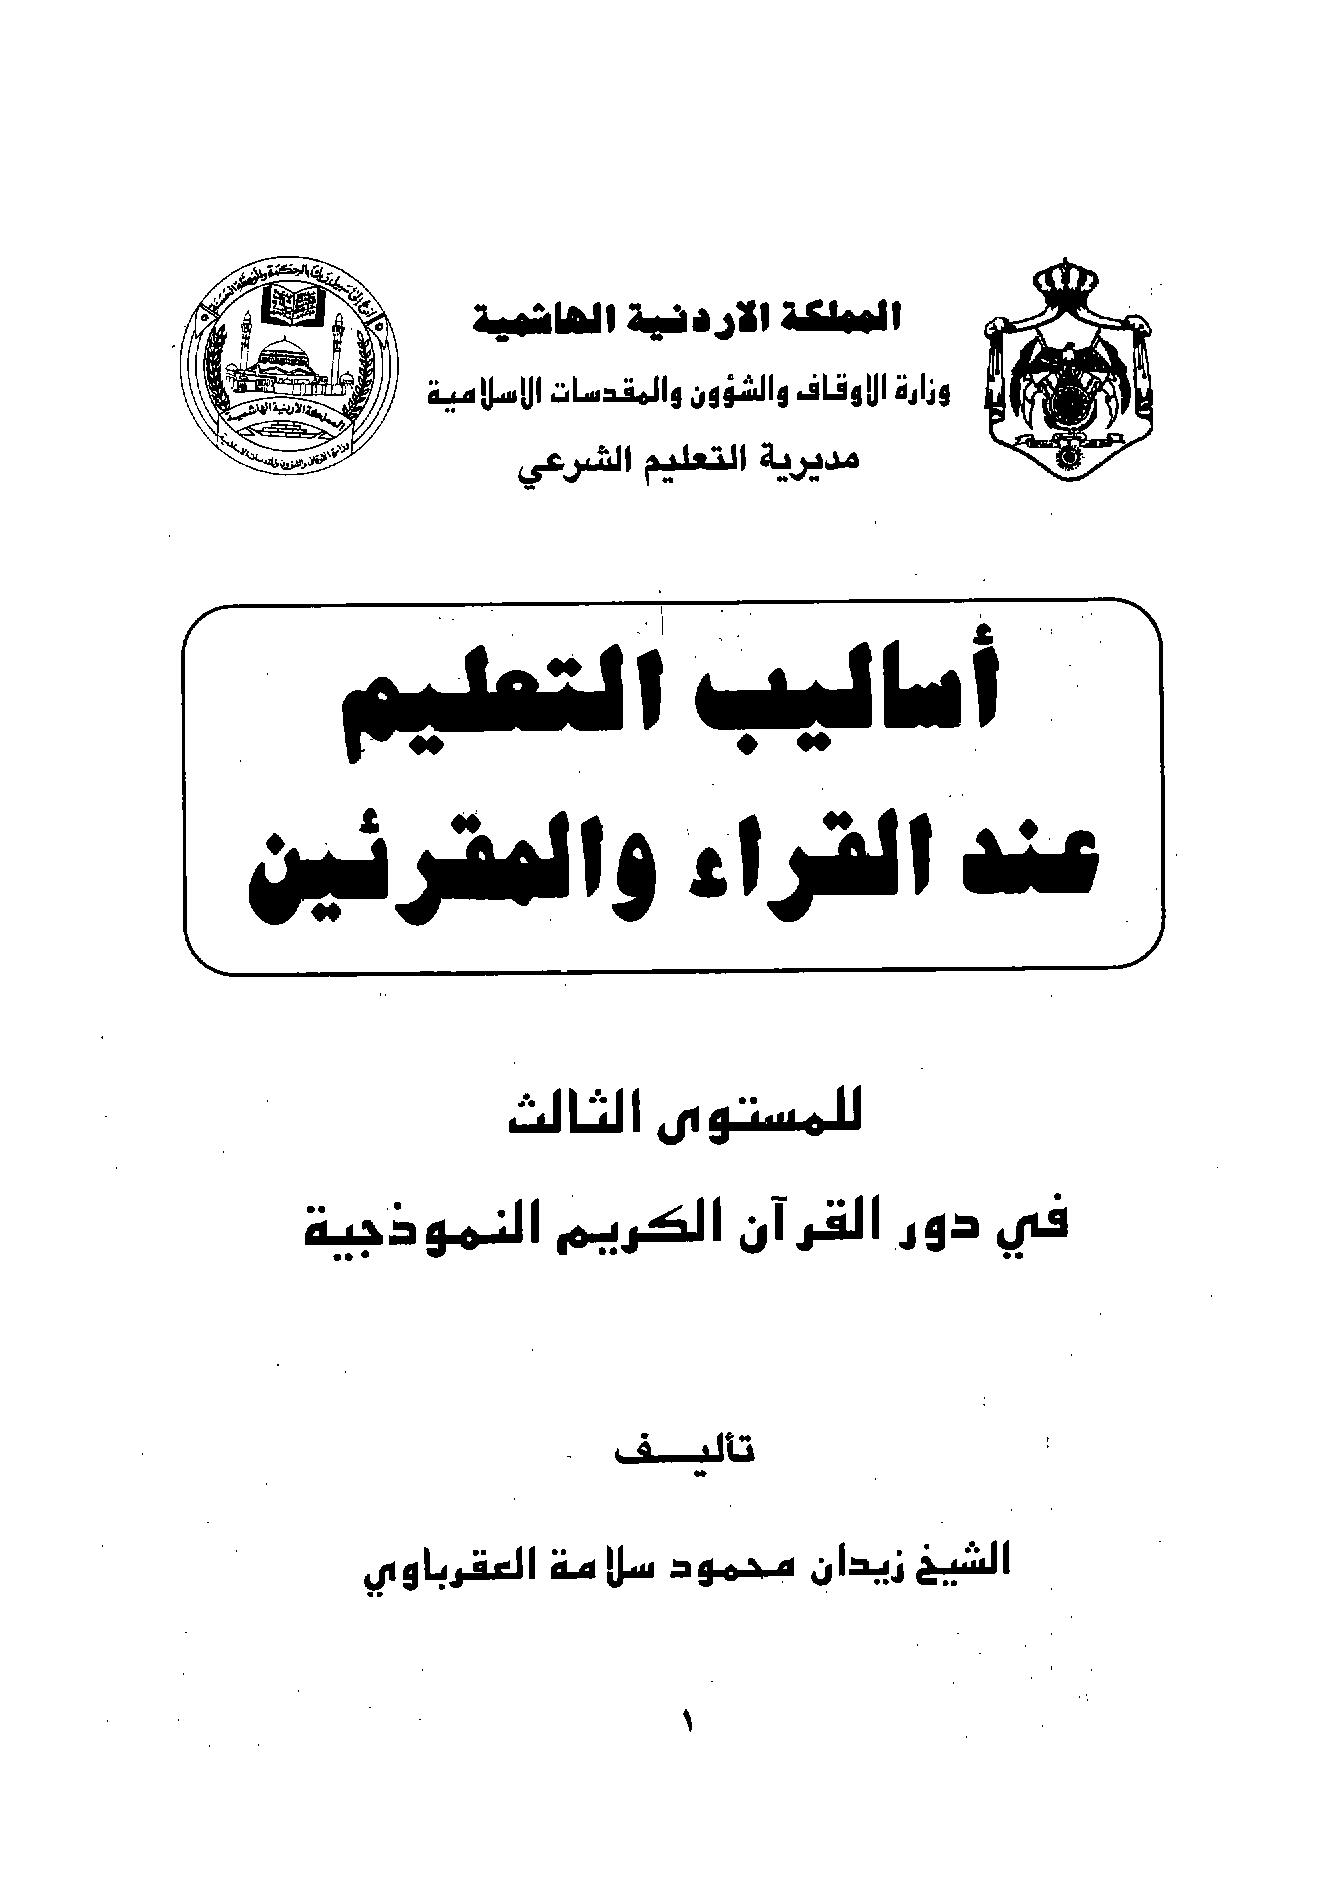 تحميل كتاب أساليب التعليم عند القراء والمقرئين لـِ: الشيخ زيدان محمود سلامة العقرباوي